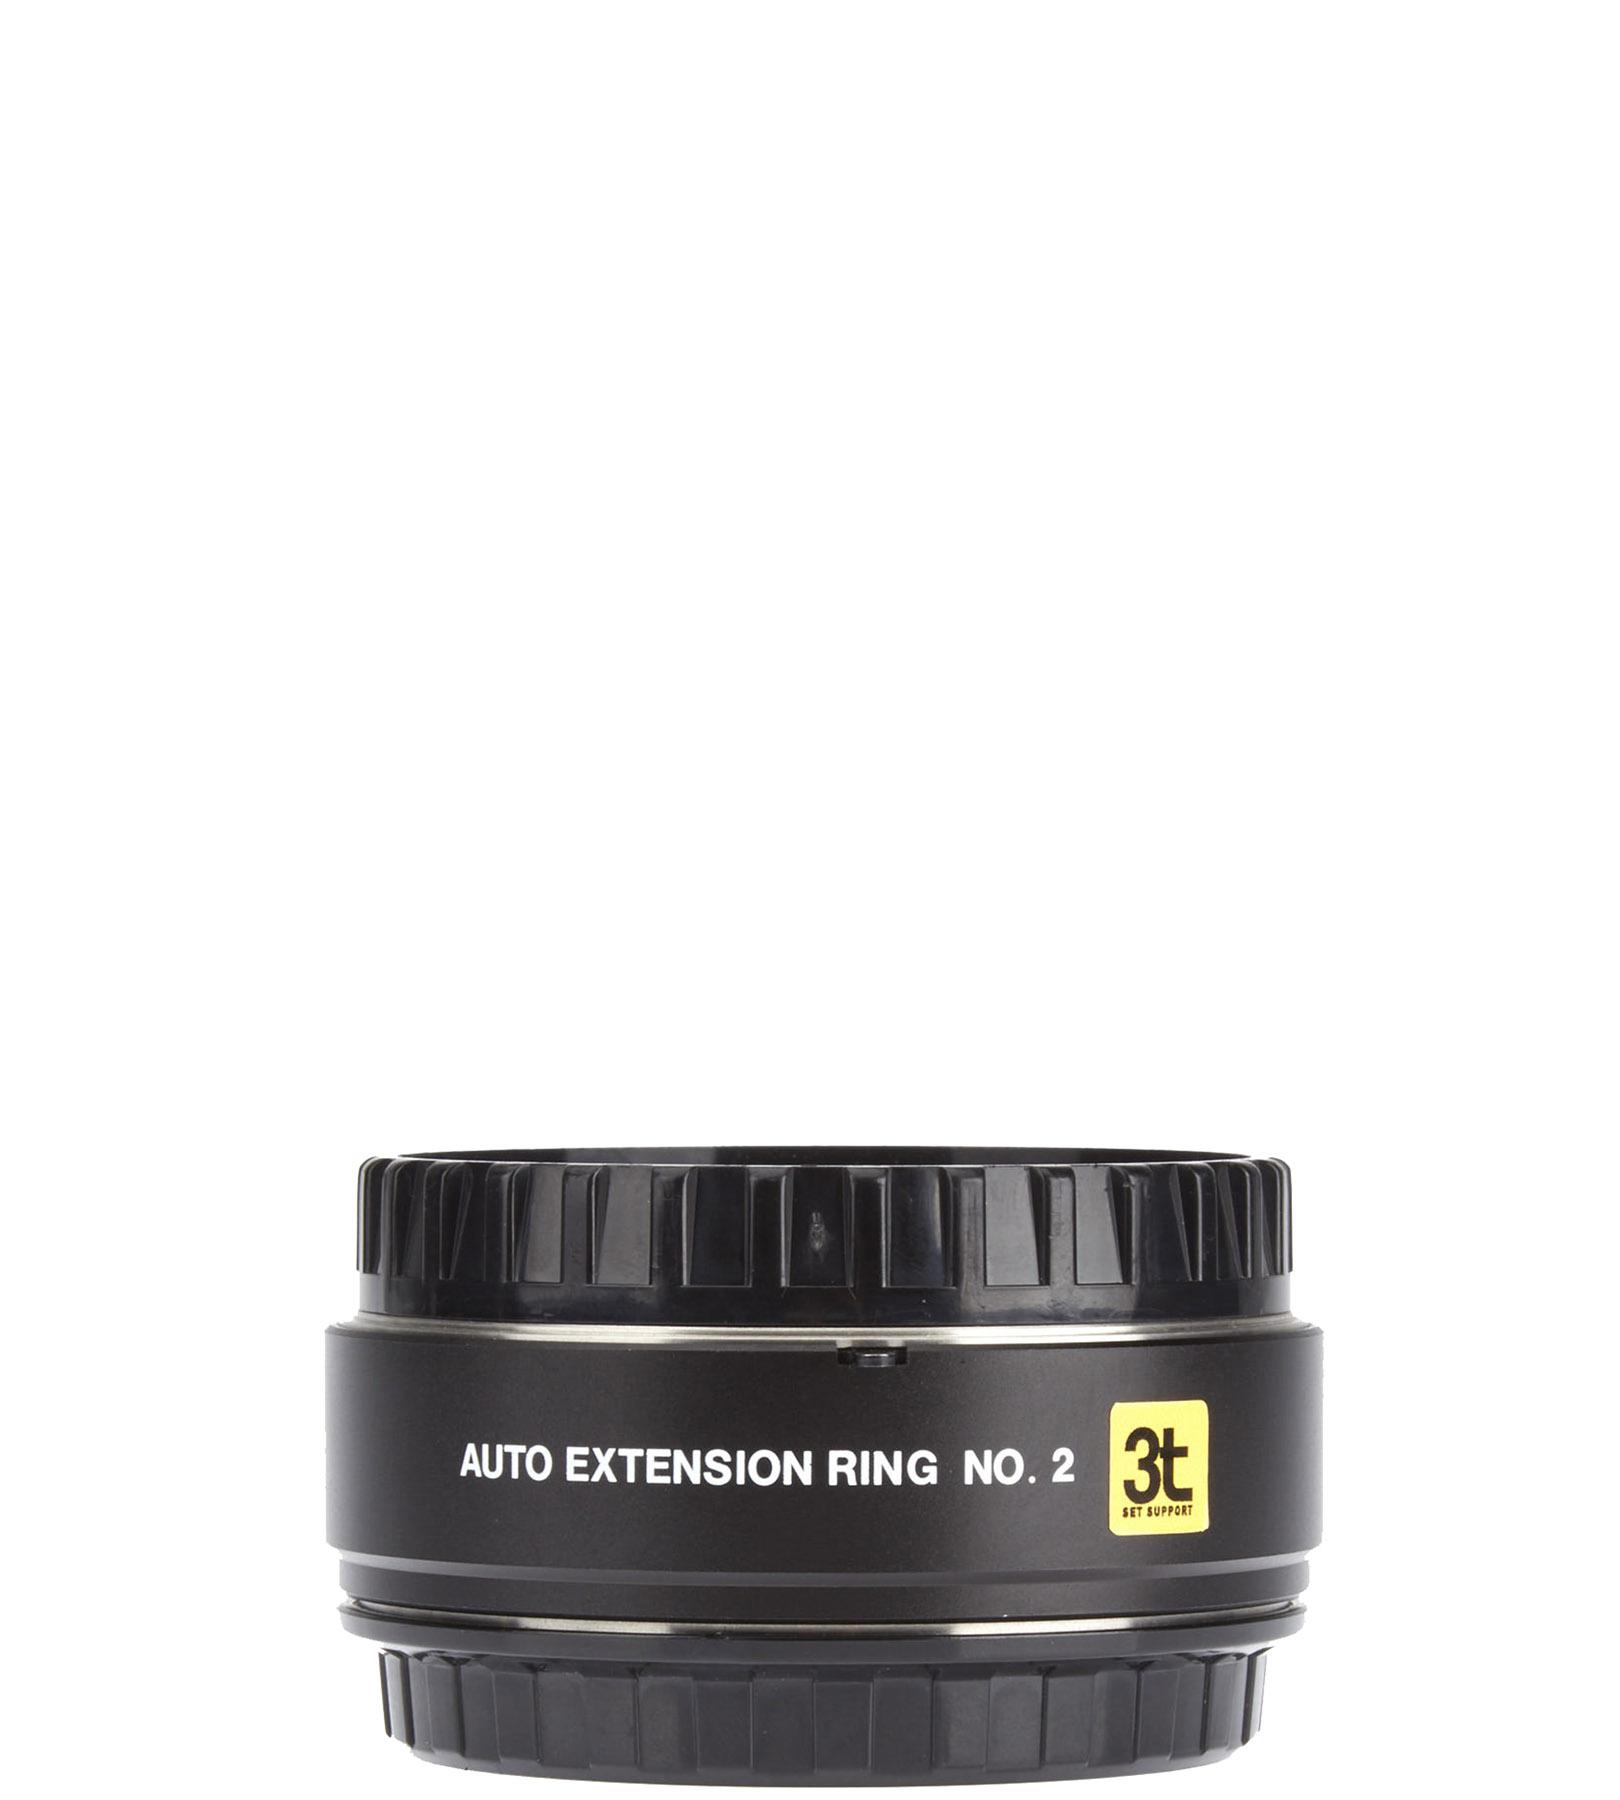 Anel de aproximação lente Phase One N˚ 2 (23.6mm) – 70255